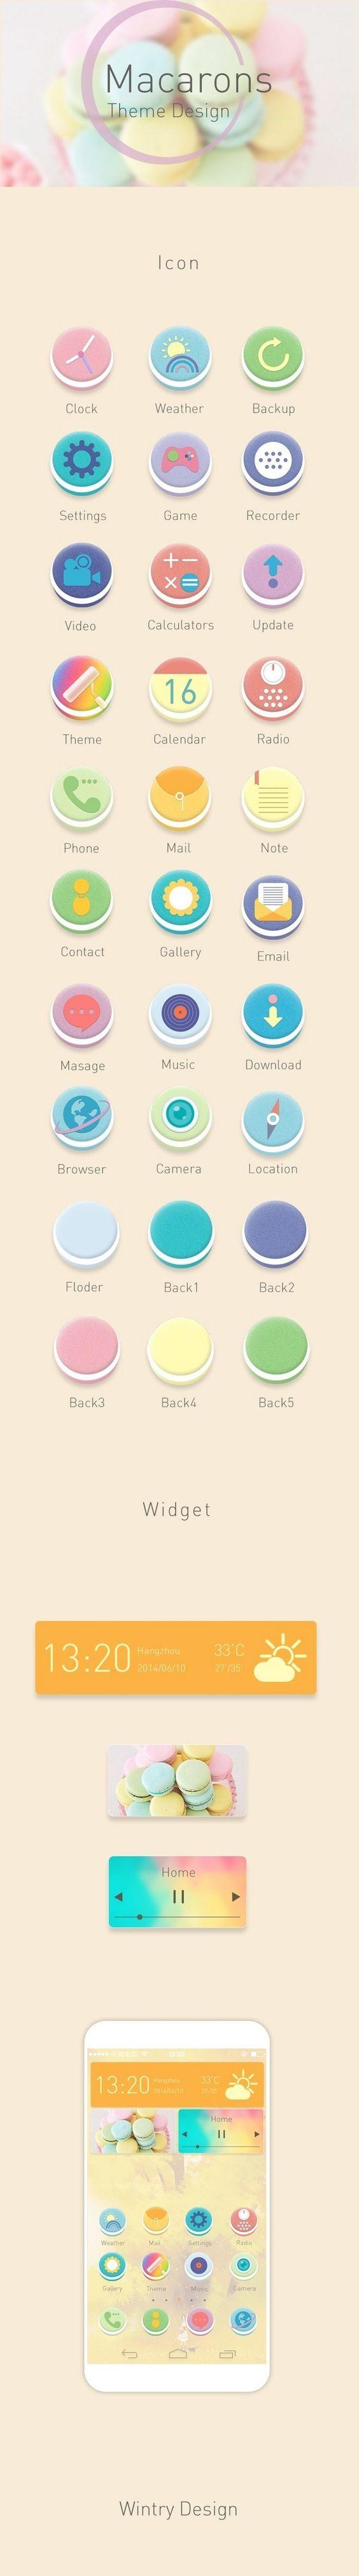 手机app主题图标设计欣赏2: